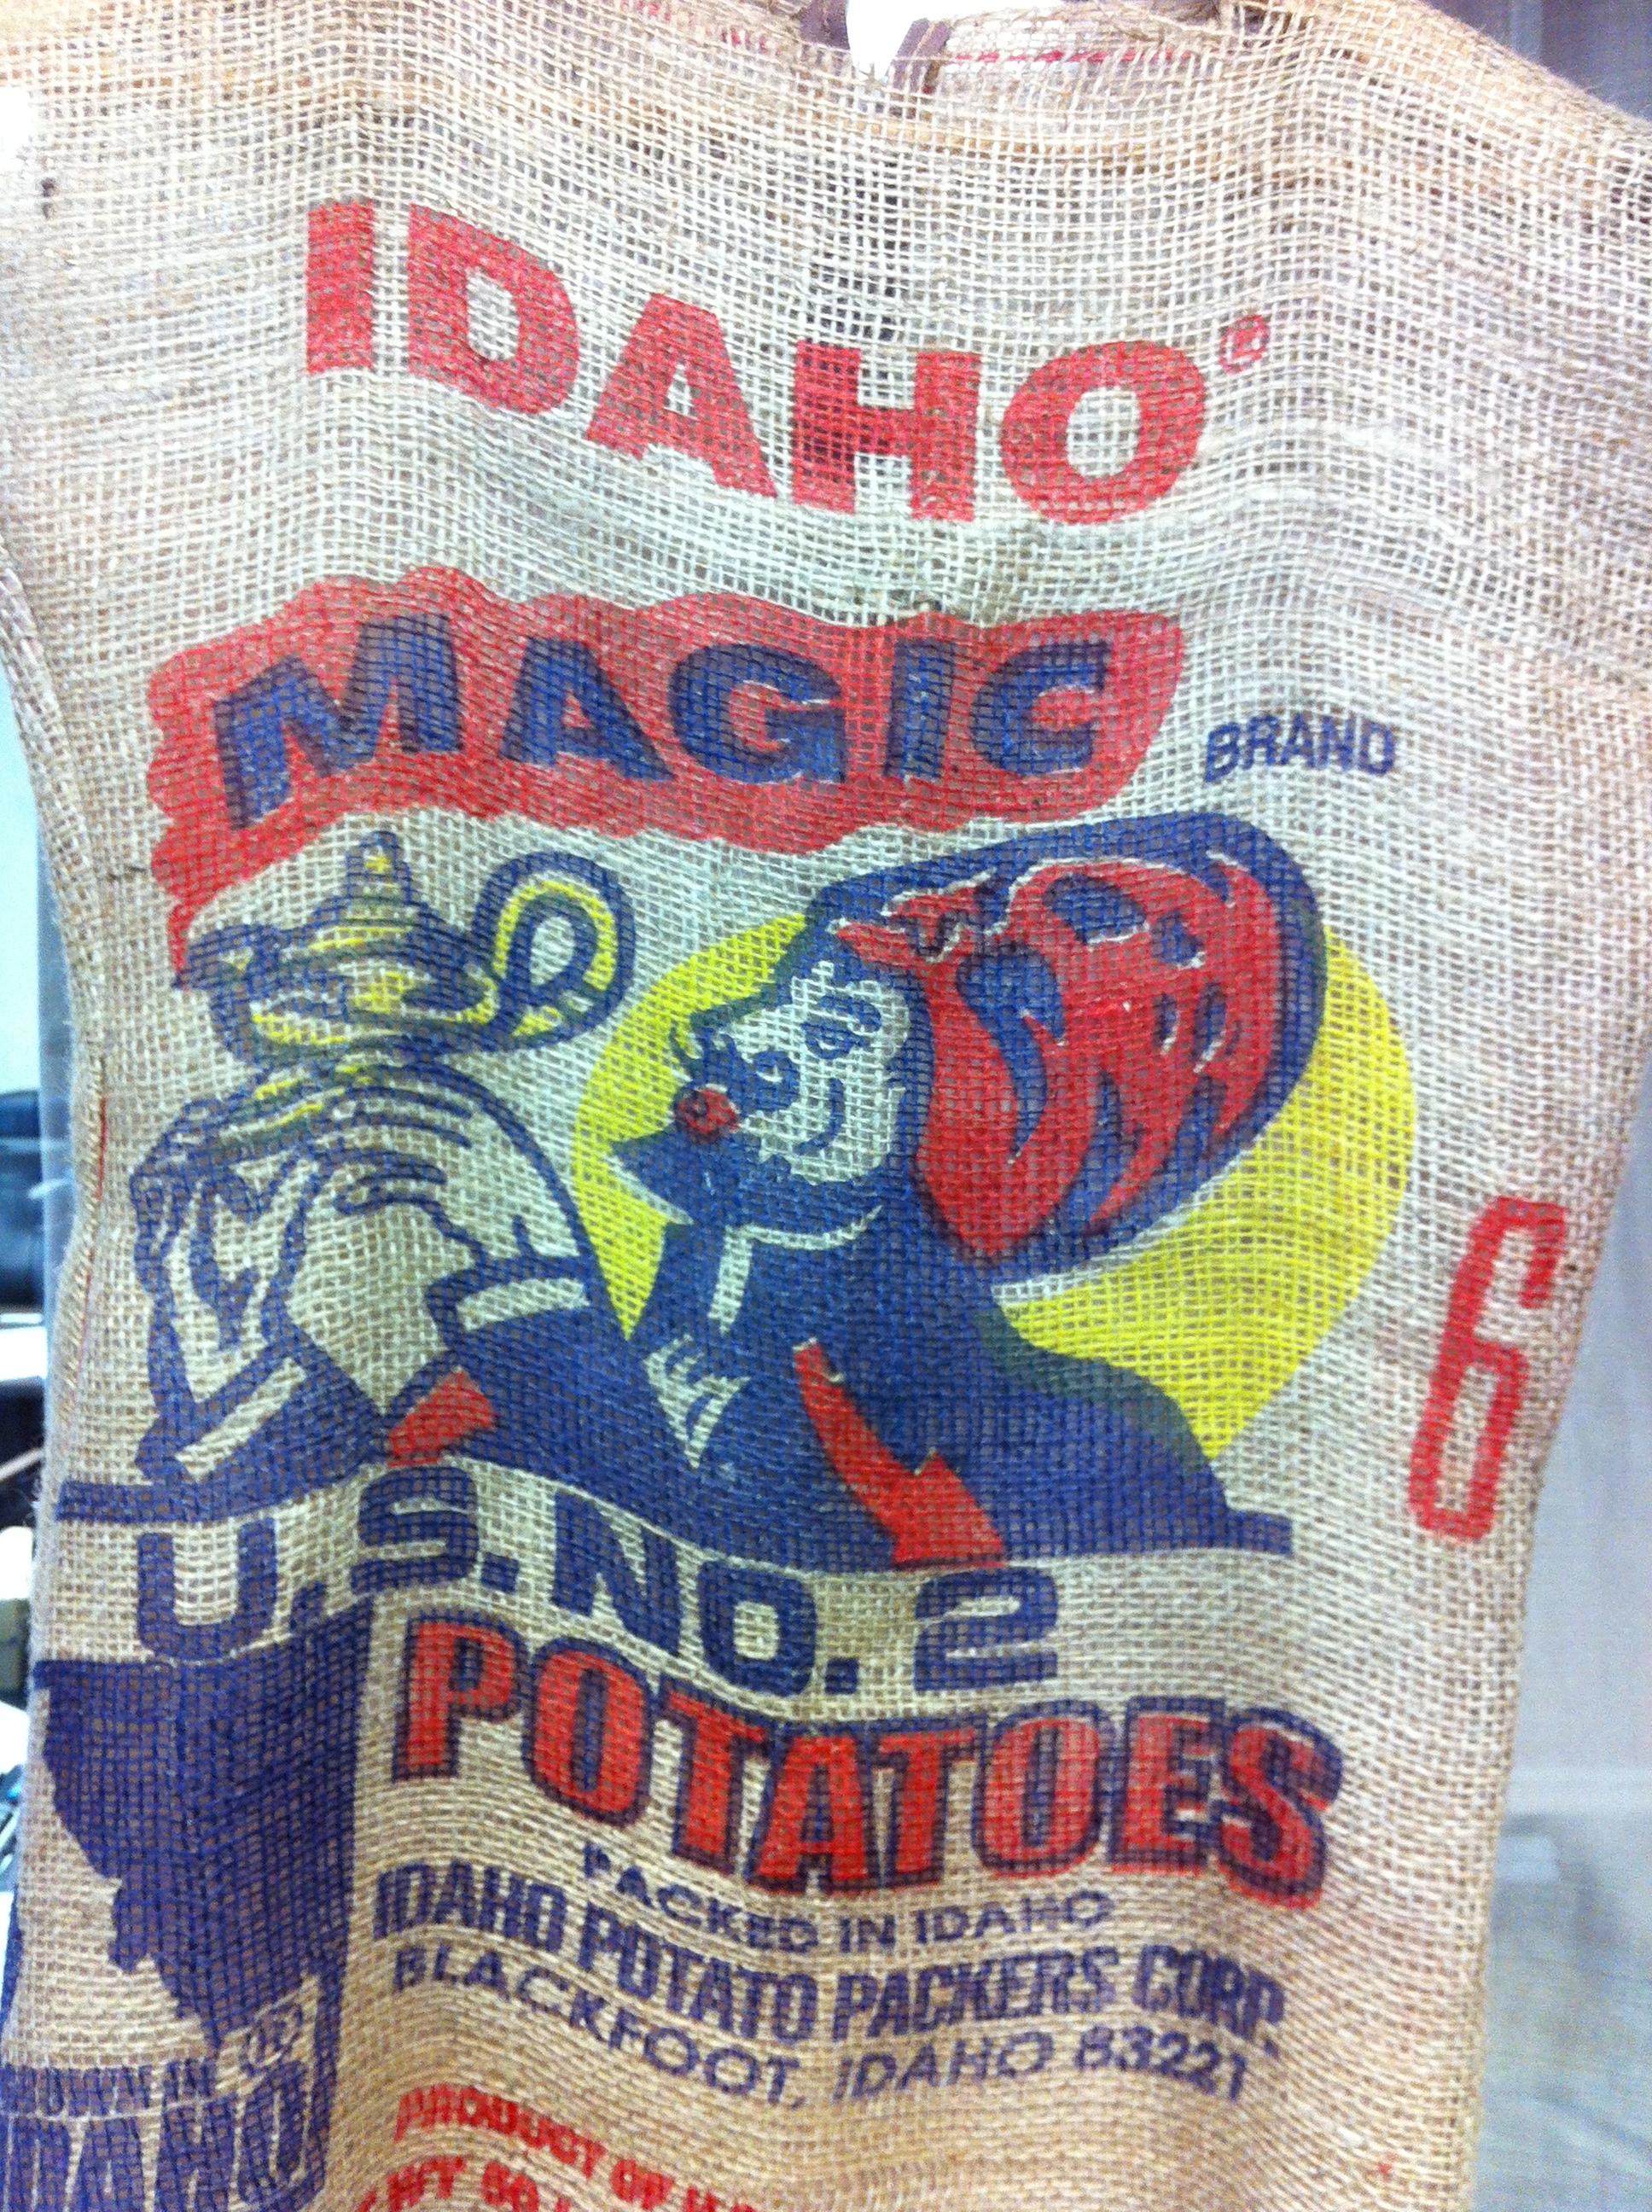 We both enjoyed the names and graphics of the potato sacks.